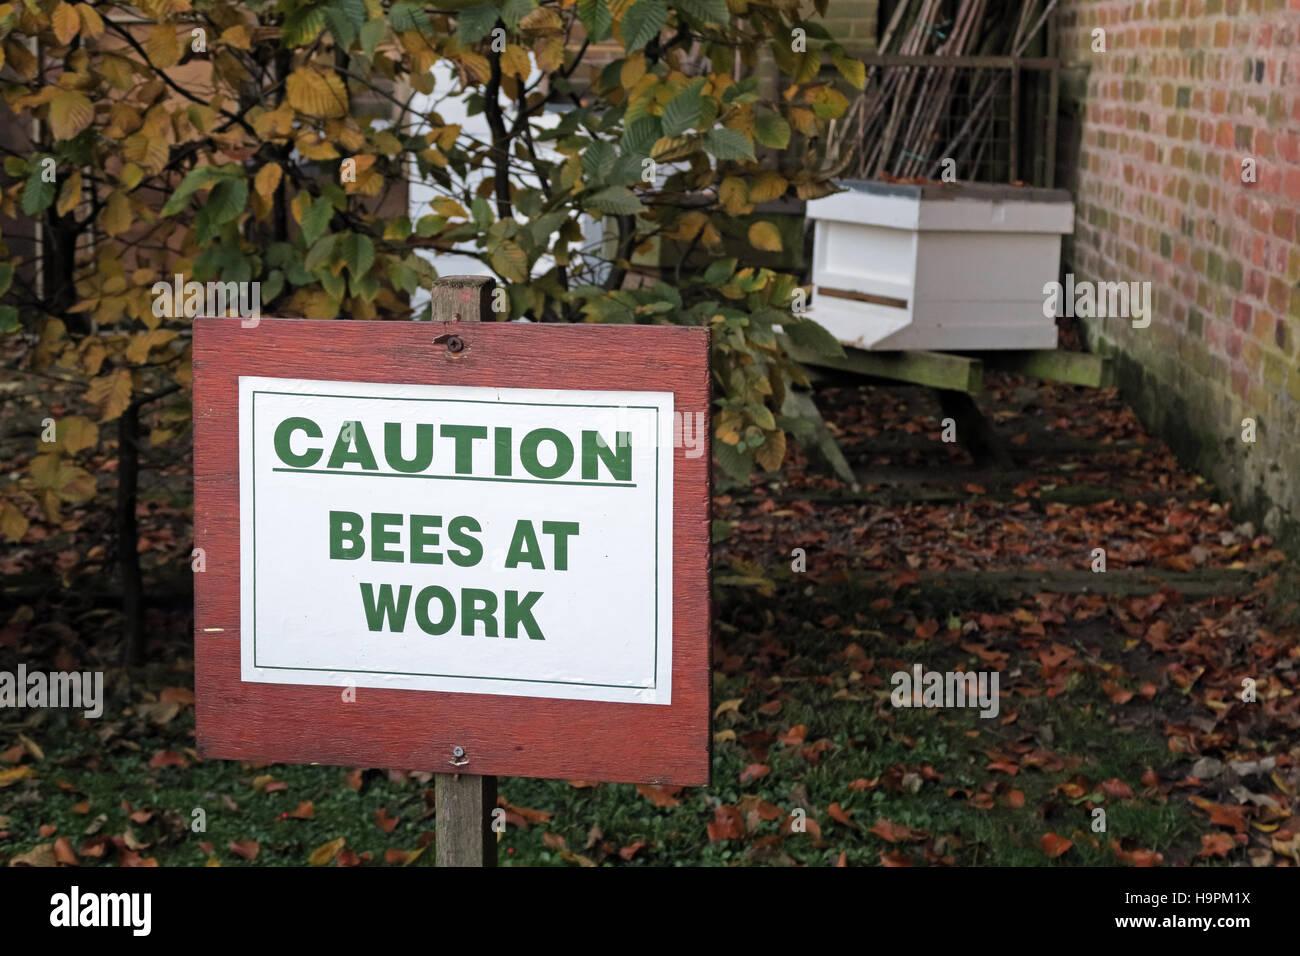 Laden Sie dieses Alamy Stockfoto Vorsicht, Bienen am Werk-Schild in der Nähe von Hive, Herbst - H9PM1X